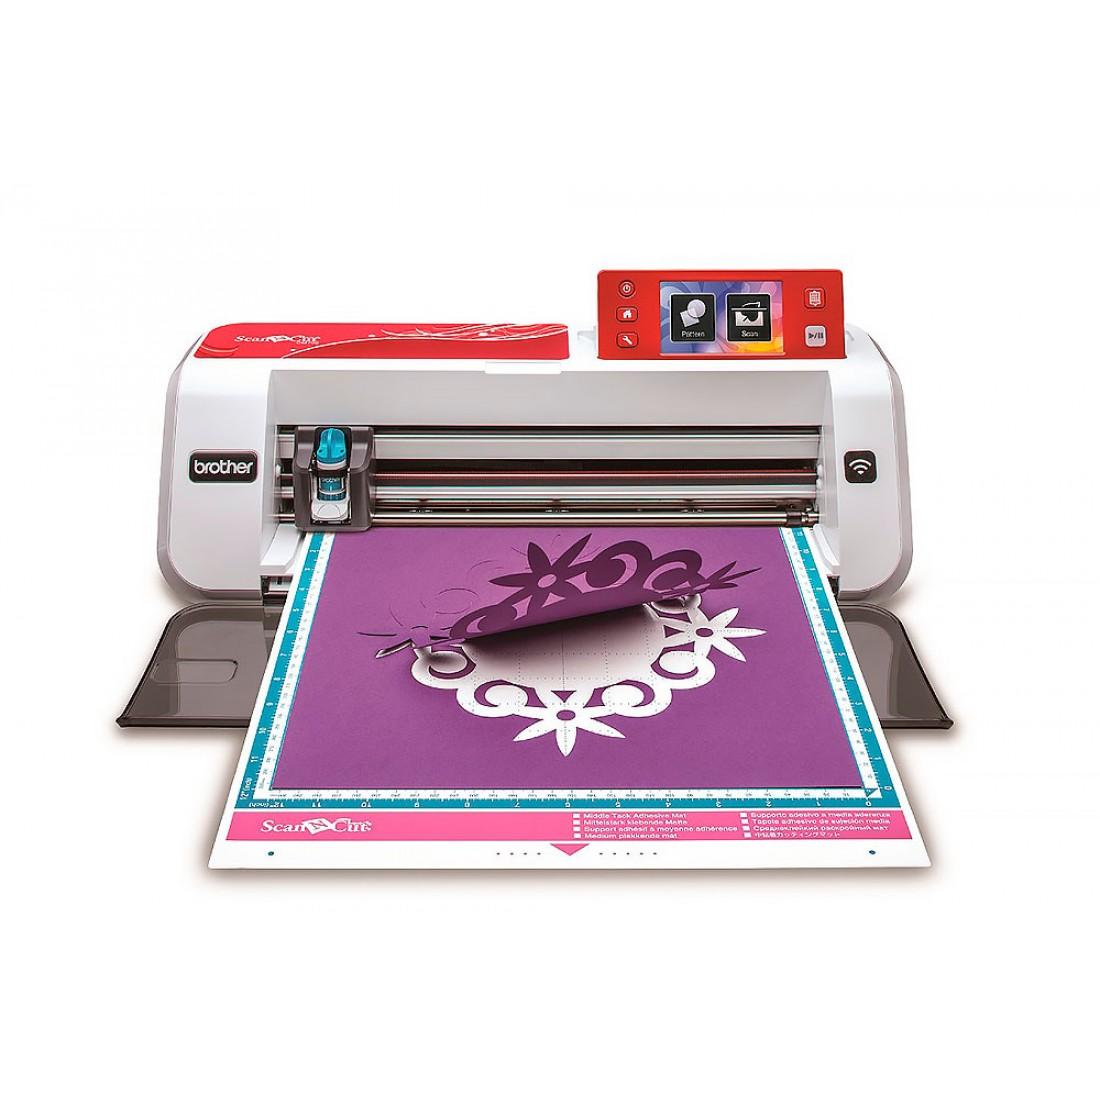 Открытки на цветном лазерном принтере, стильные открытки